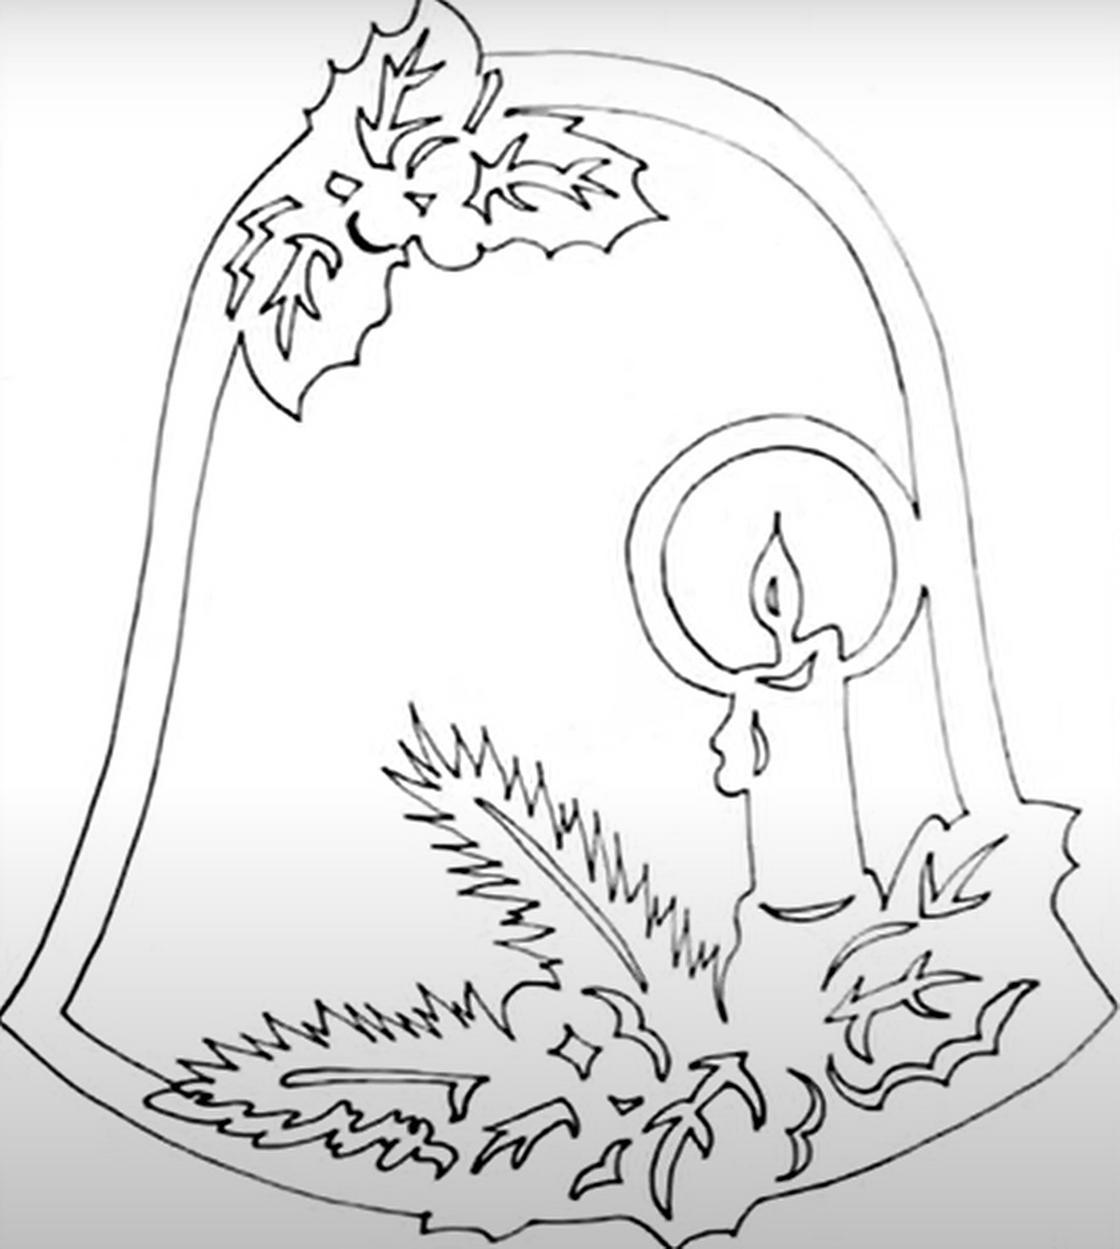 Новогодний трафарет колокольчик со свечкой